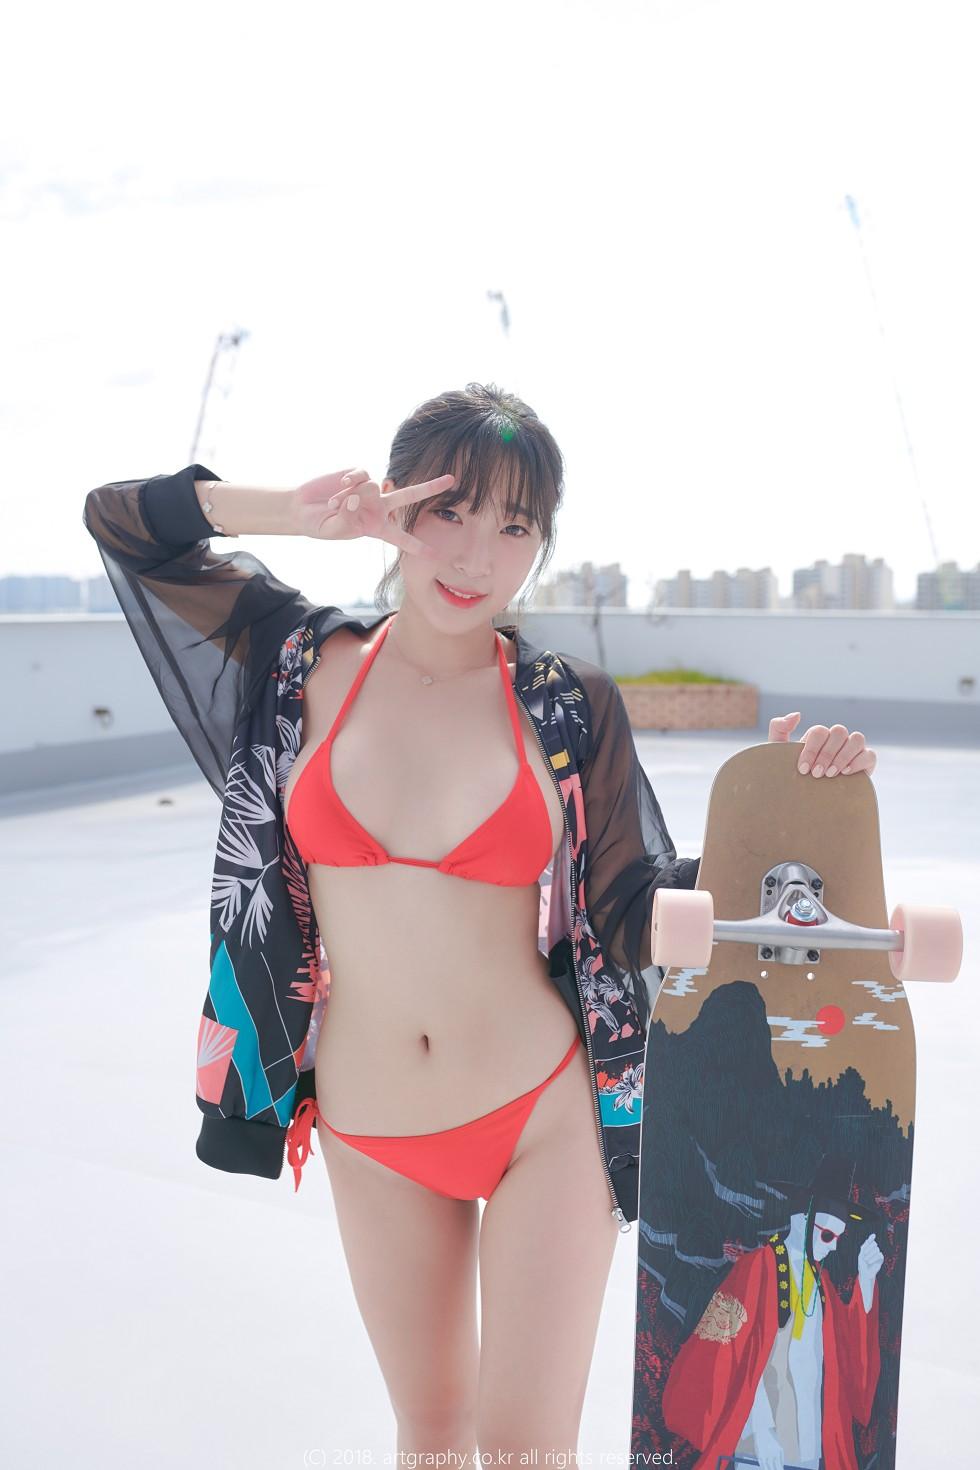 韩国人气模特姜仁卿户外红色比基尼+私房真空露背毛衣惹火诱惑写真49P